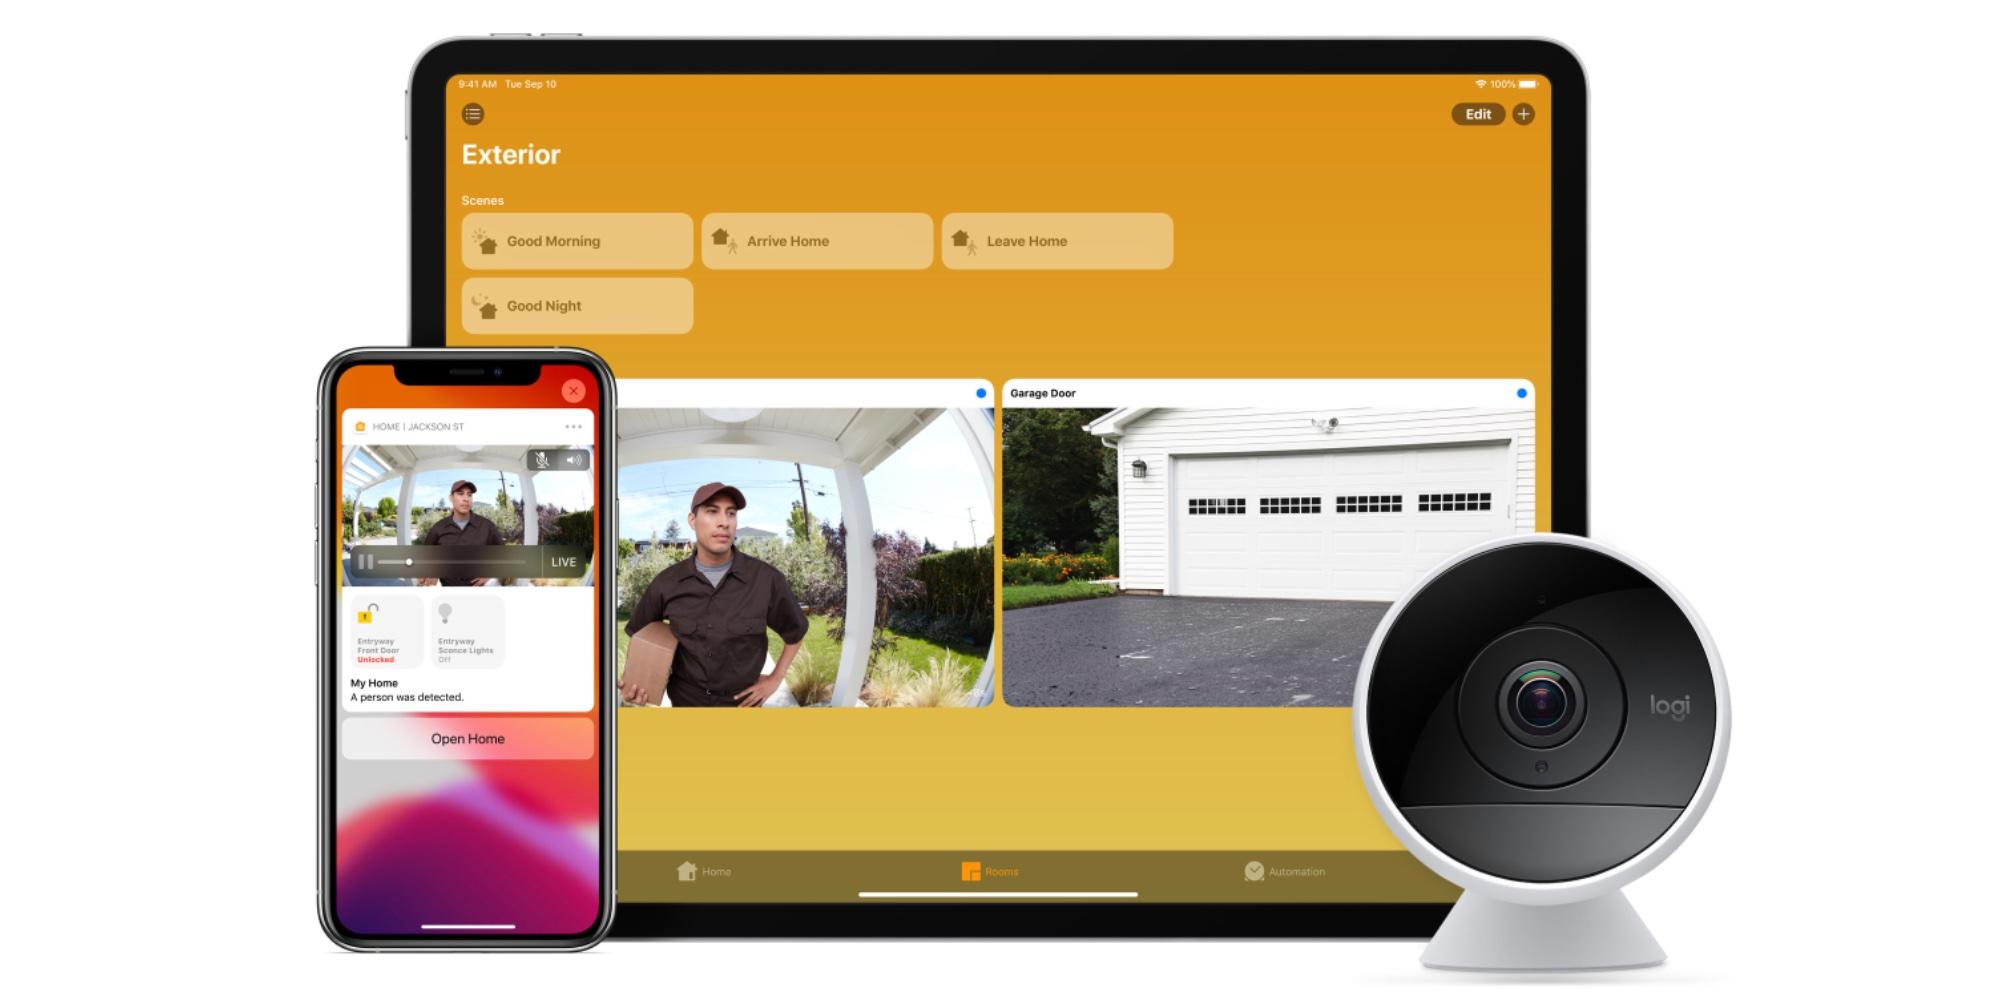 苹果悄然更新官网,HomeKit 新功能将兑现